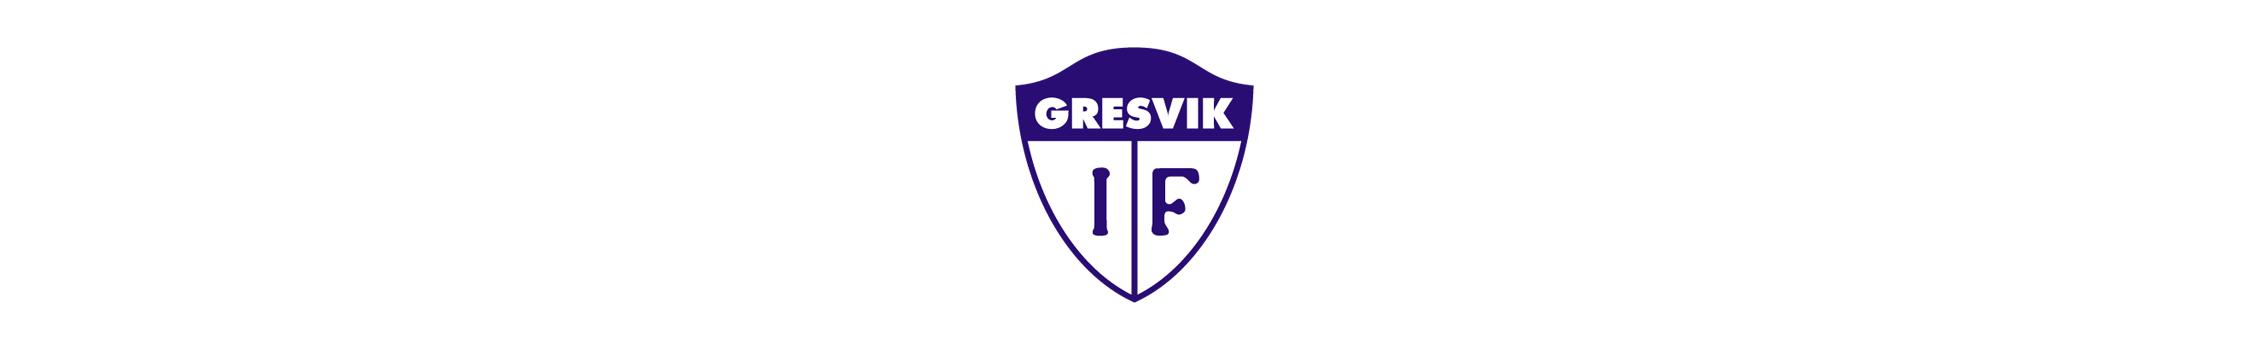 Gresvik-IF-kopi